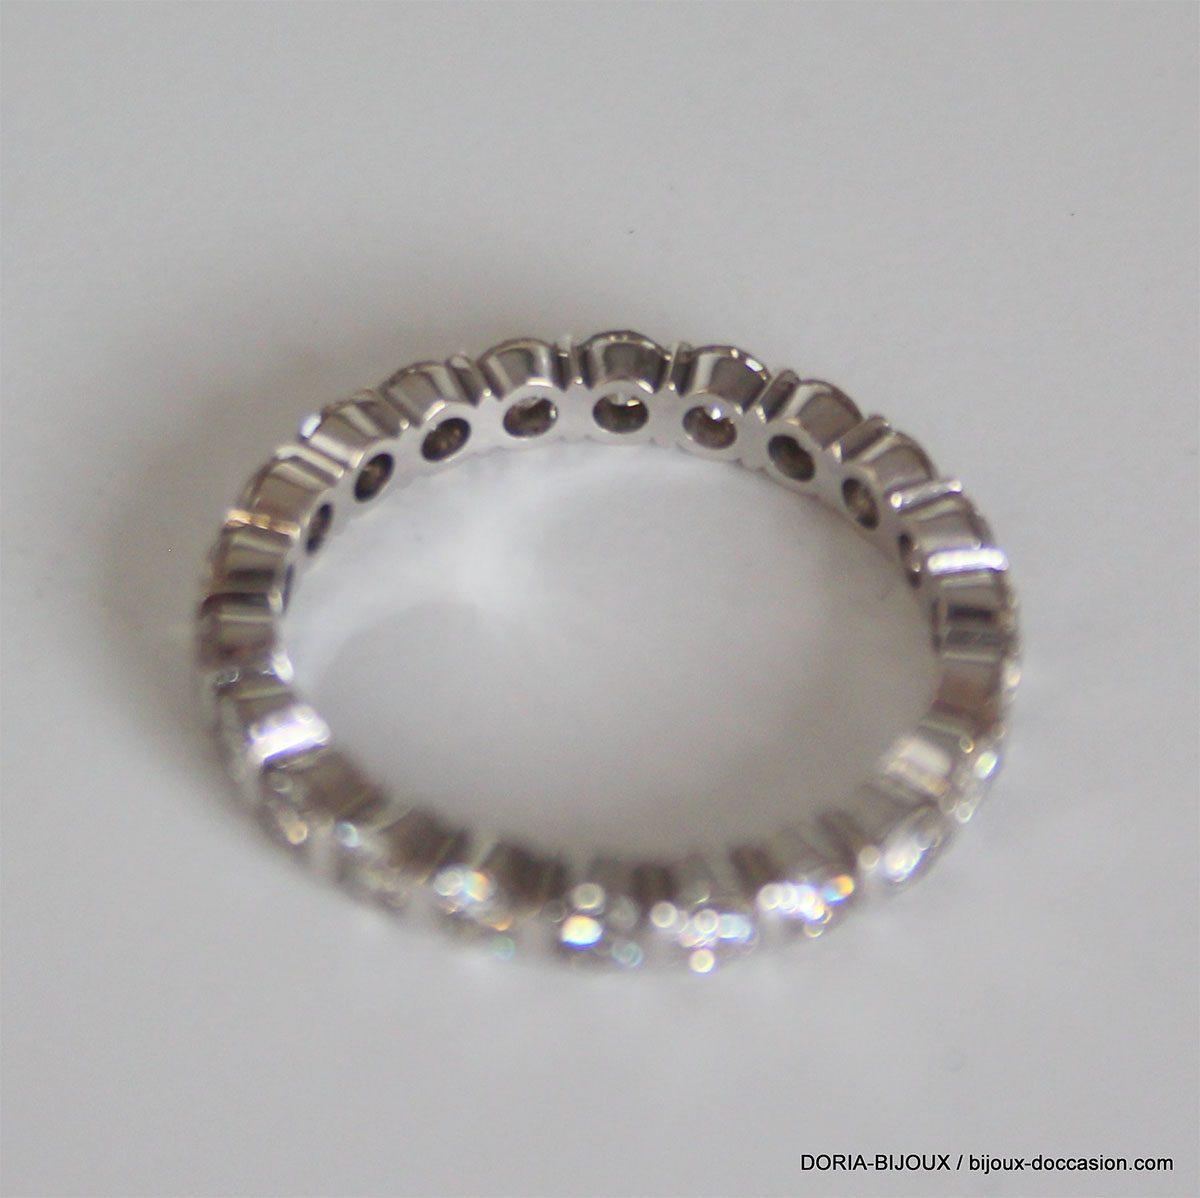 Bague Or Gris 18k 750 Tour Complet Diamants - 2.2grs